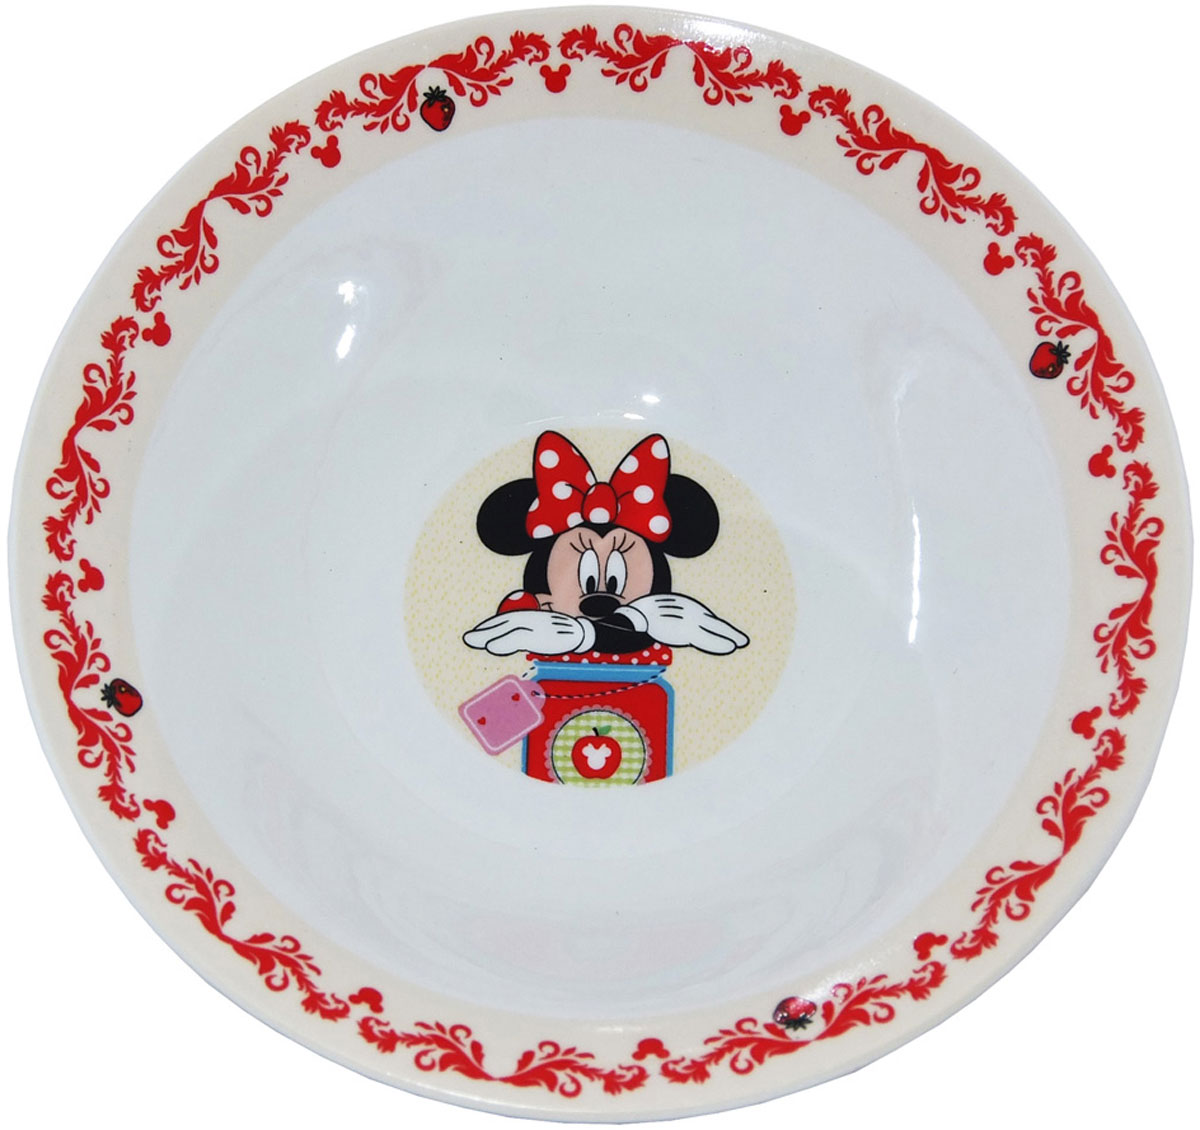 Яркая миска «Минни» идеально подойдет для кормления малыша и самостоятельного приема им пищи. Миска выполнена из керамики, дно оформлено изображением Минни  из мультфильмов Disney. Миска, оформленная веселой картинкой из мультфильмов Disney понравятся и малышу, и родителям!